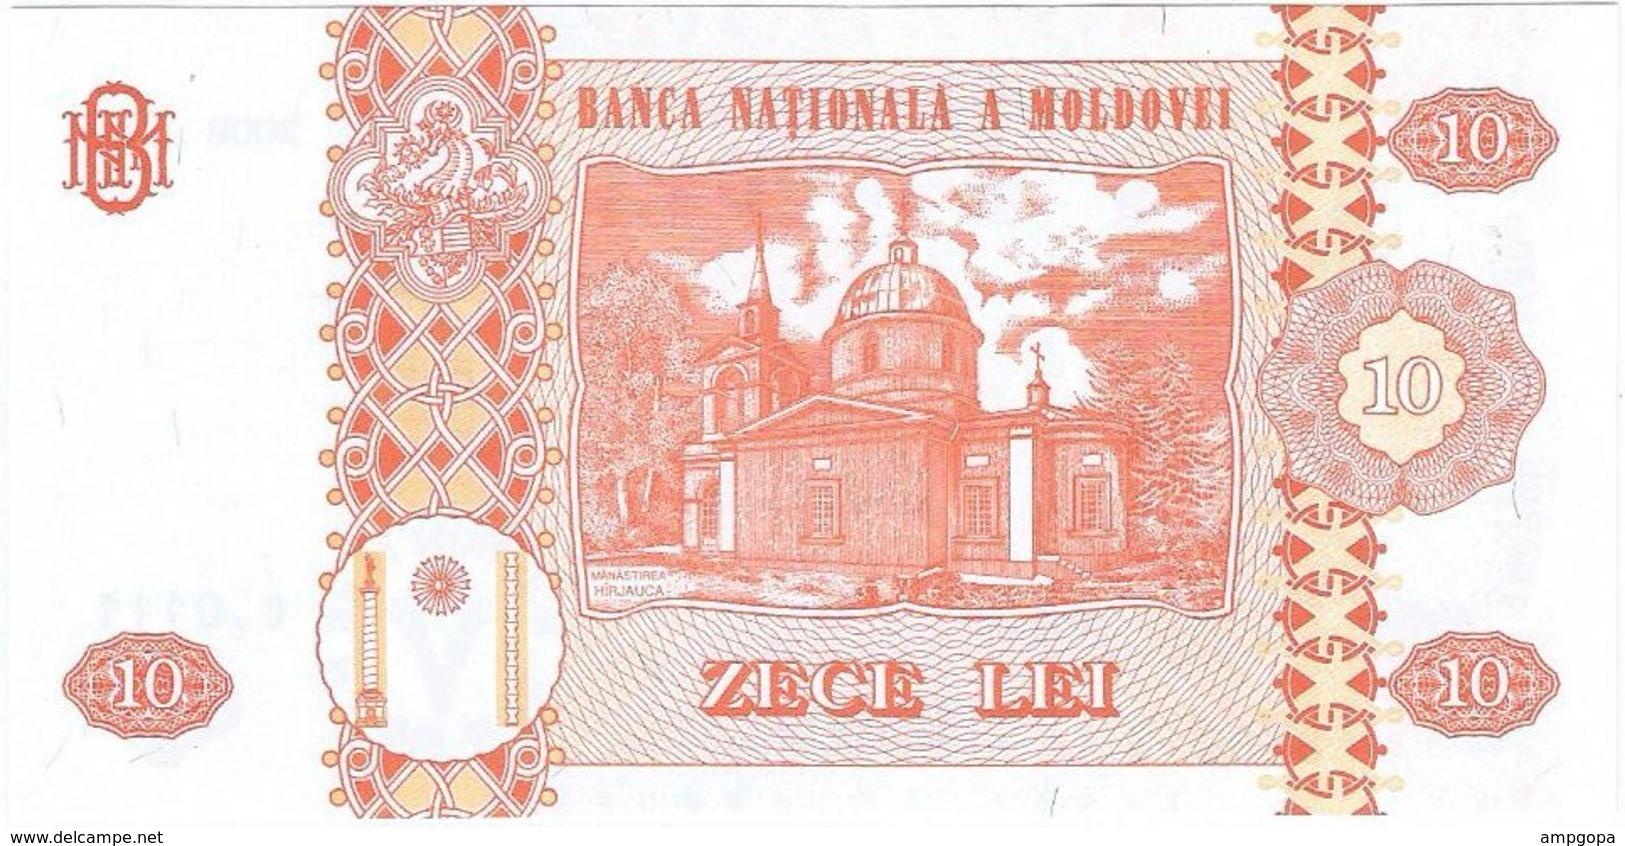 Moldavia - Moldova 10 Leu 2009 Pick 10f UNC - Moldova